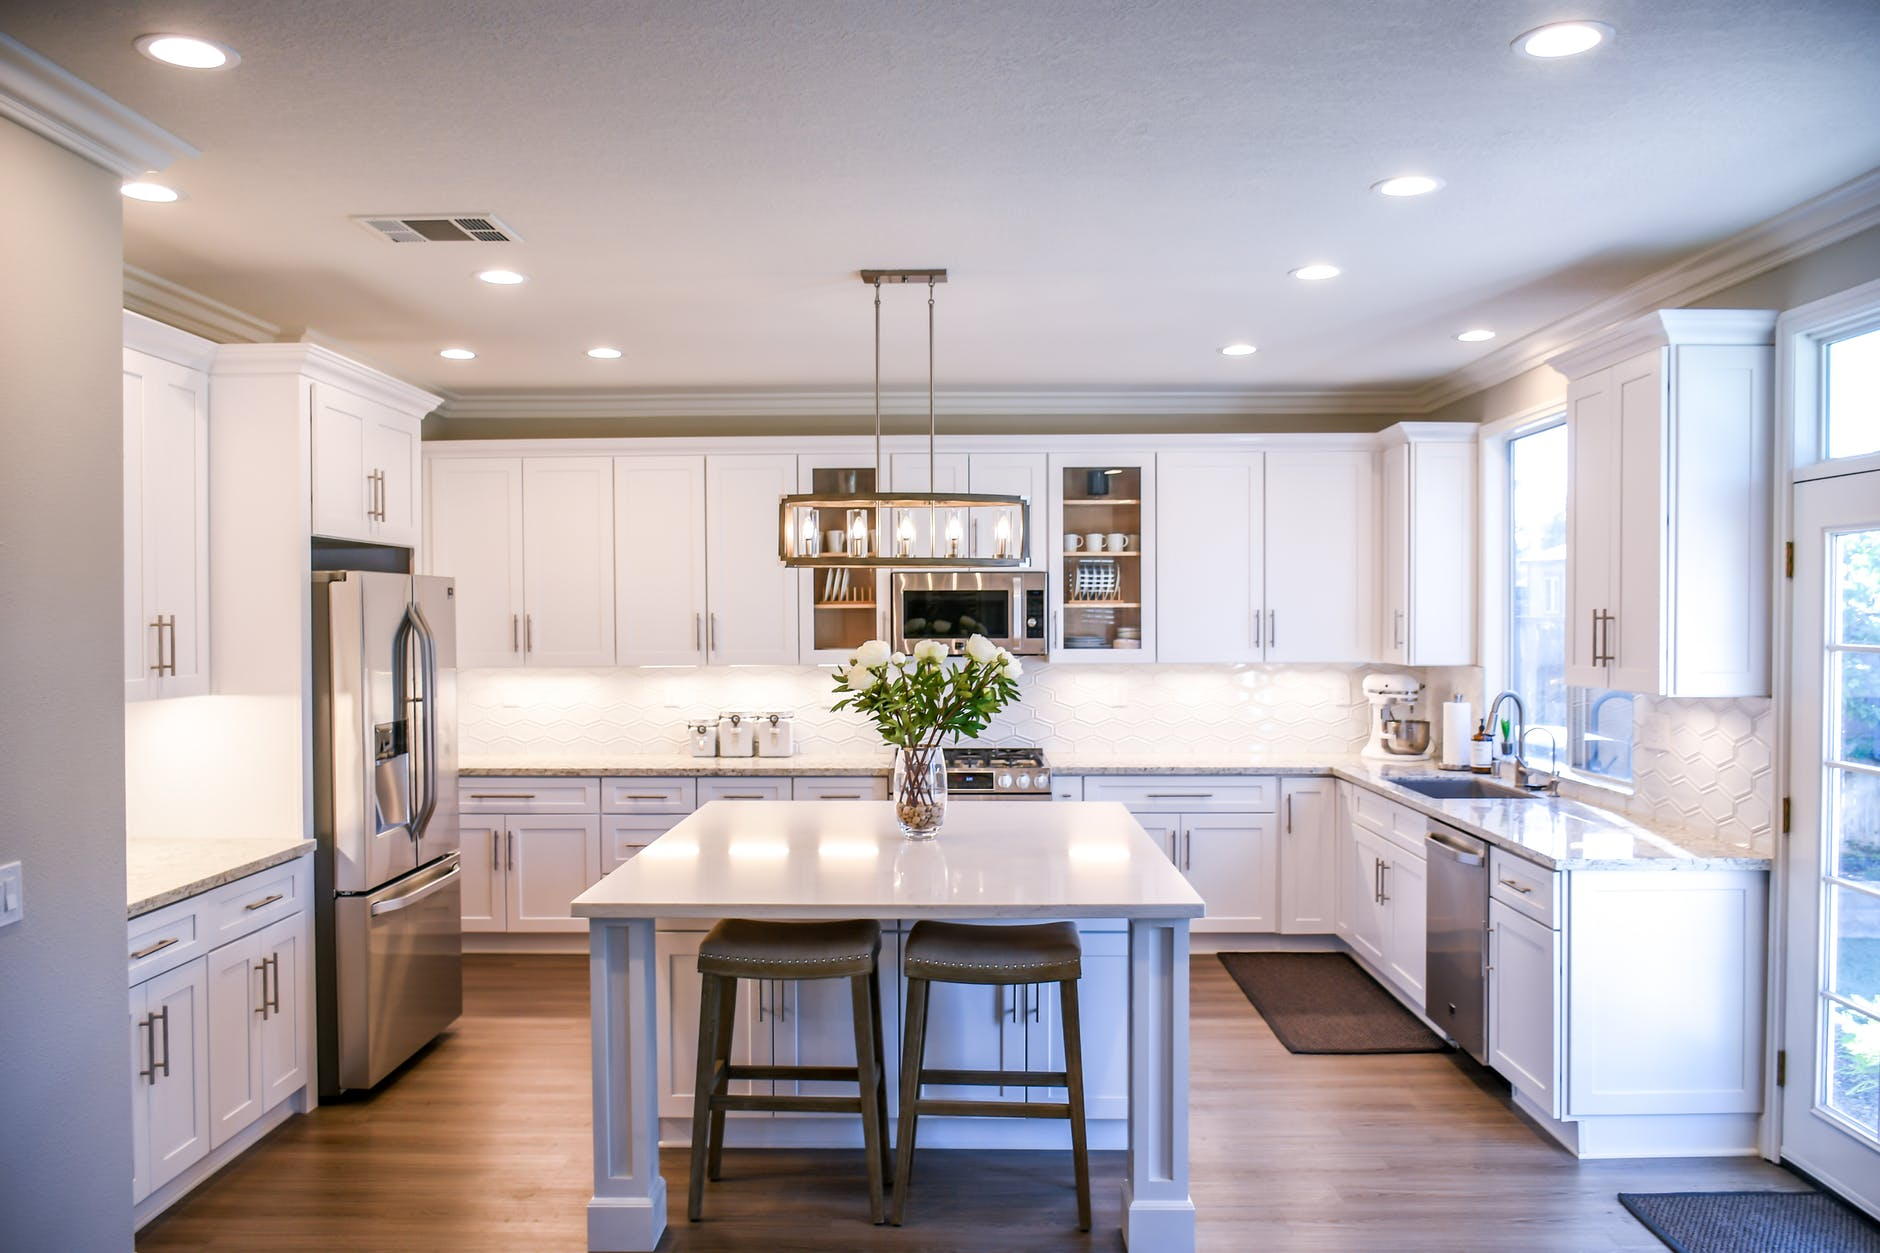 kuchyňa, interiér